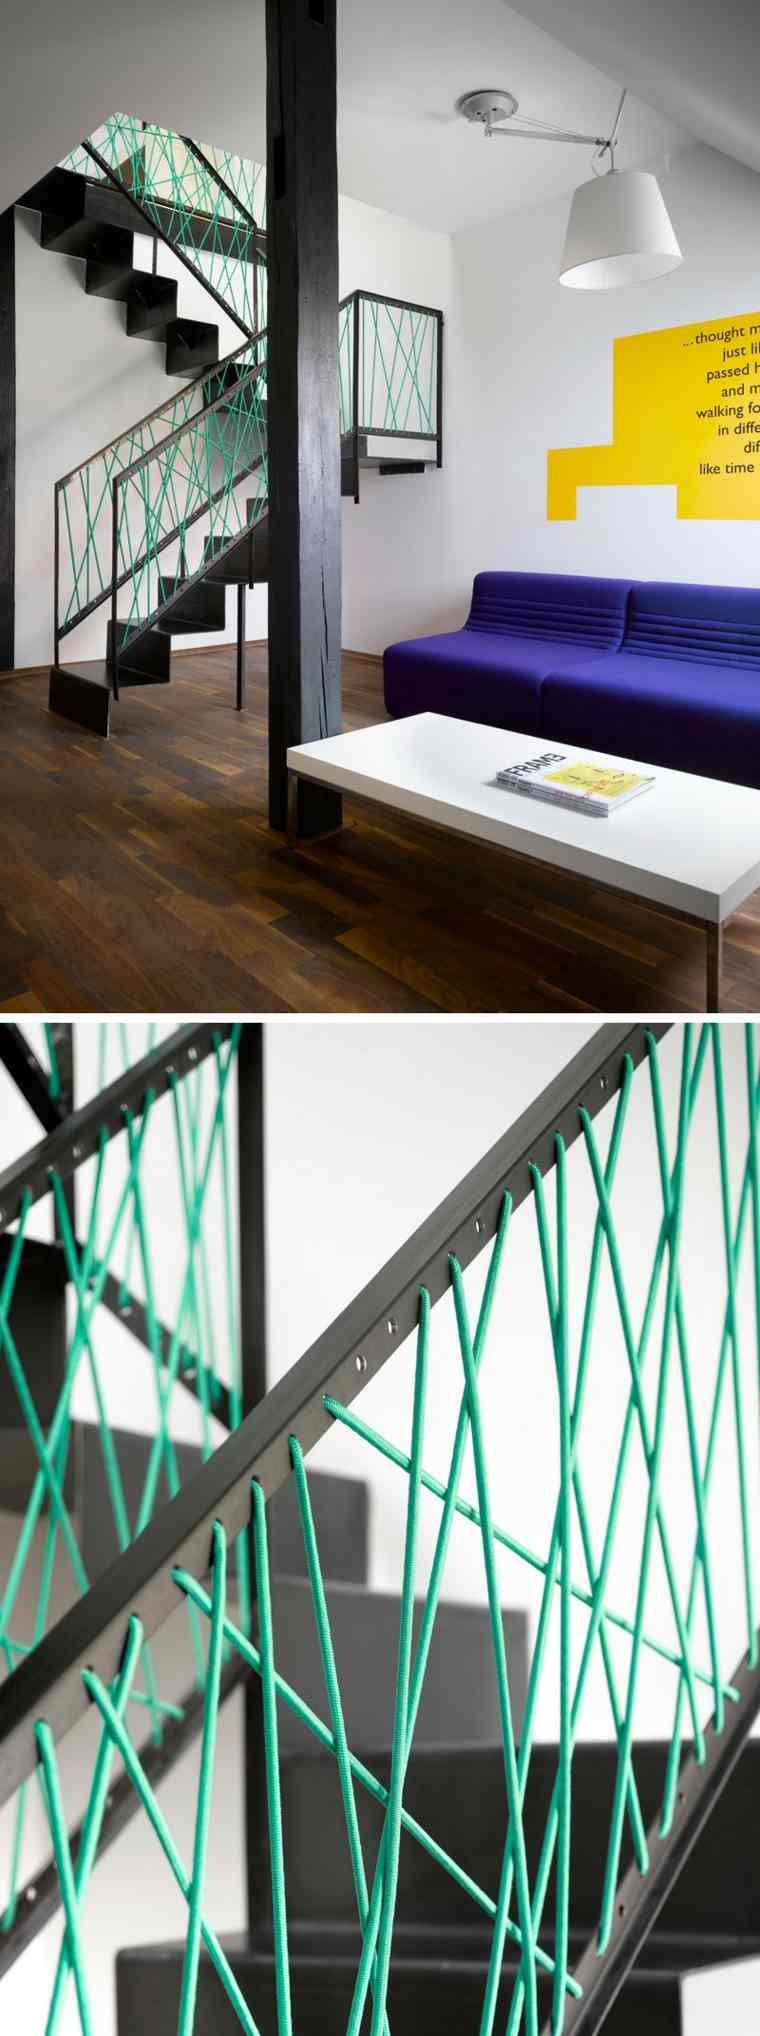 Barandillas de cuerda para escaleras de estilo moderno - Pasamanos de cuerda ...